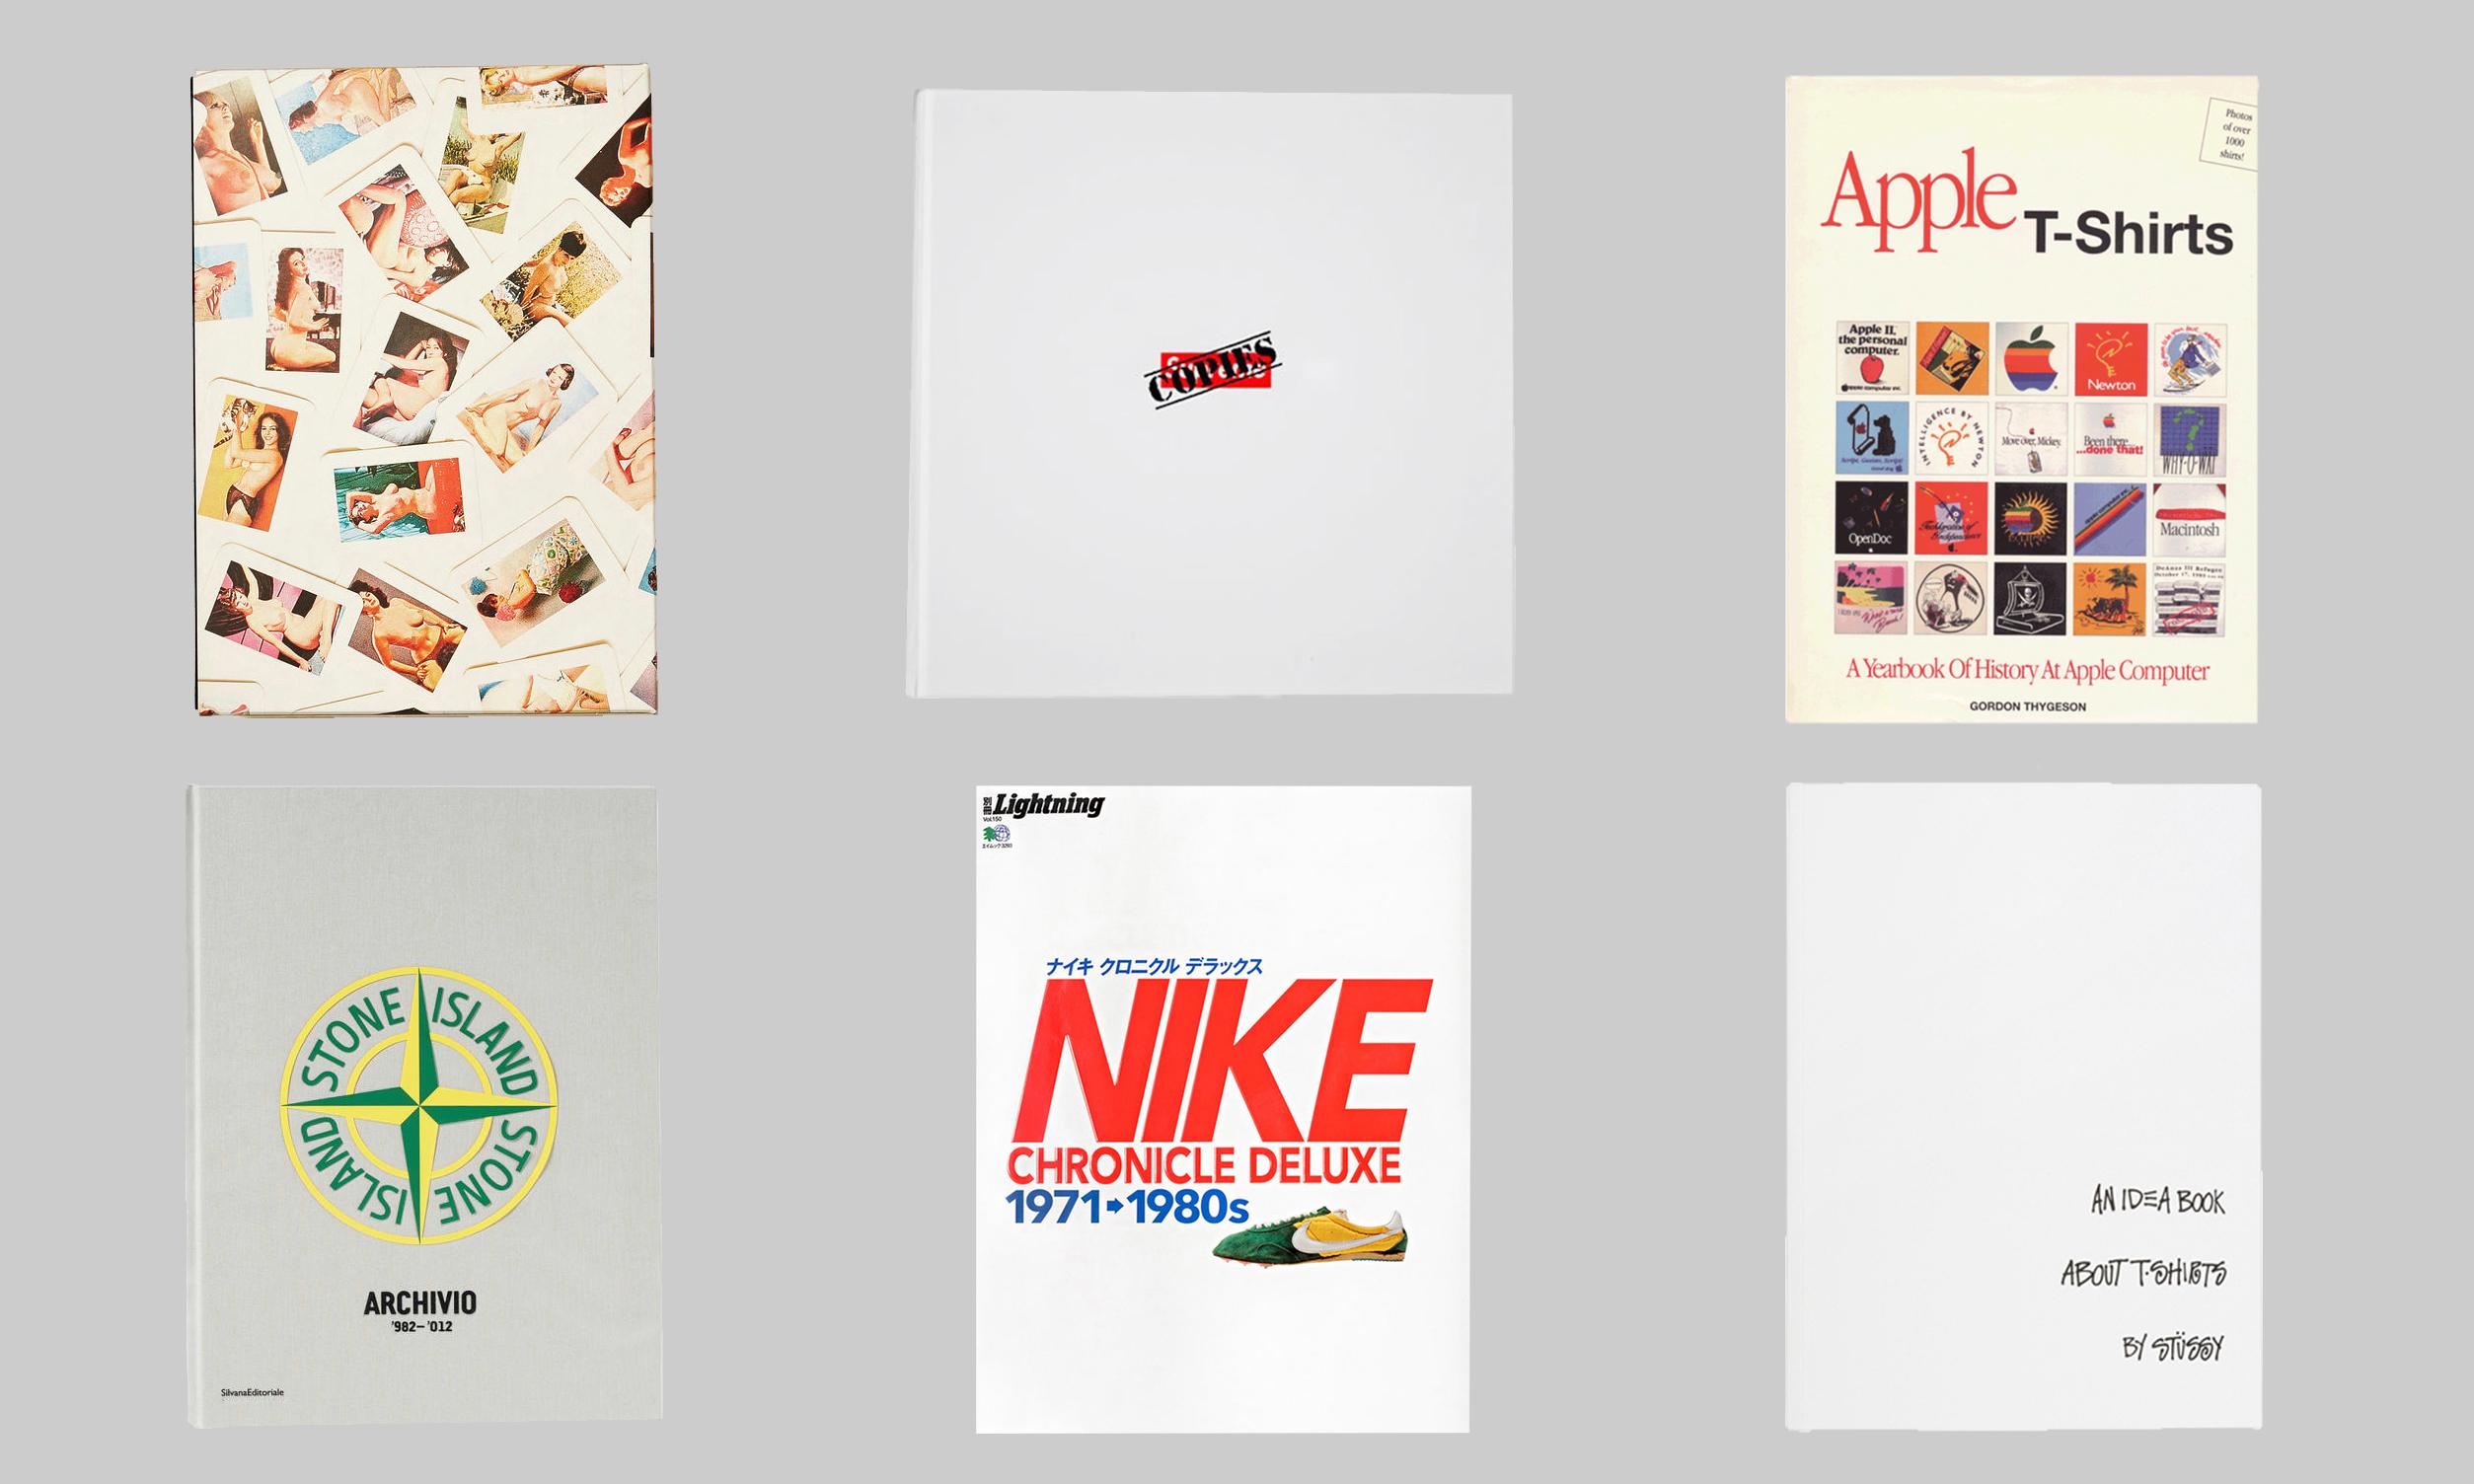 """在粉丝眼里,这些品牌 """"档案"""" 可能要比单品值钱?"""